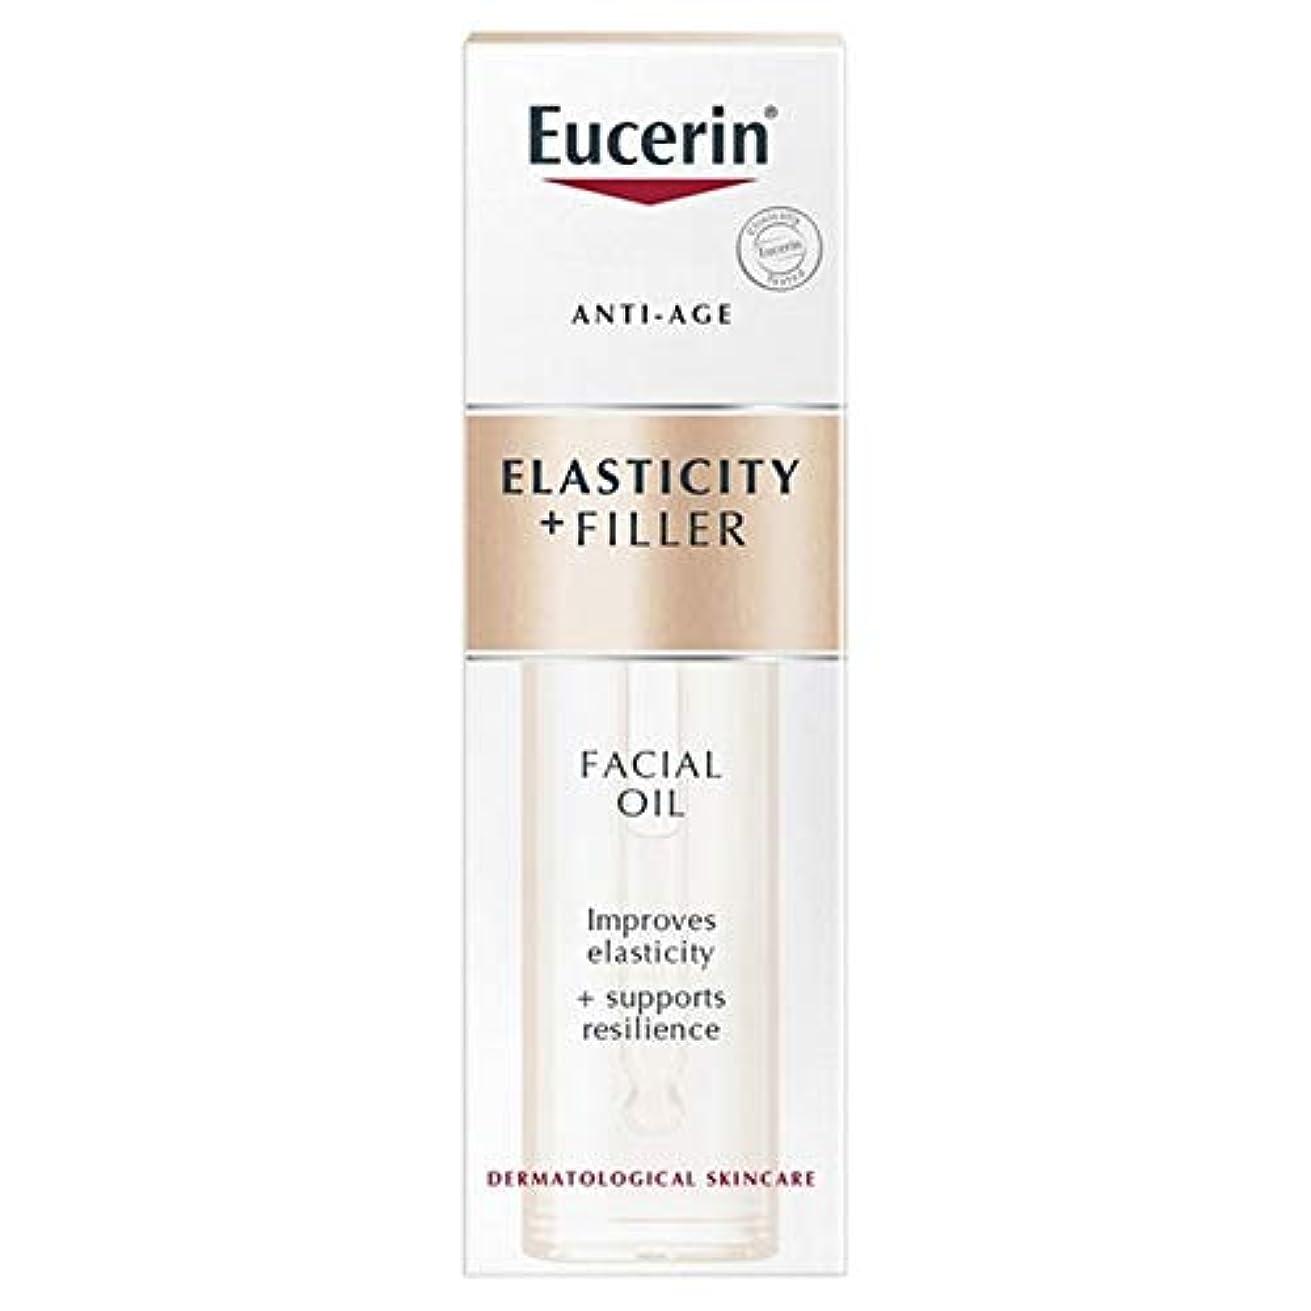 公平な議論するの[Eucerin ] ユーセリン抗年齢の弾力+フィラーフェイシャルオイル30ミリリットル - Eucerin Anti-Age Elasticity + Filler Facial Oil 30ml [並行輸入品]